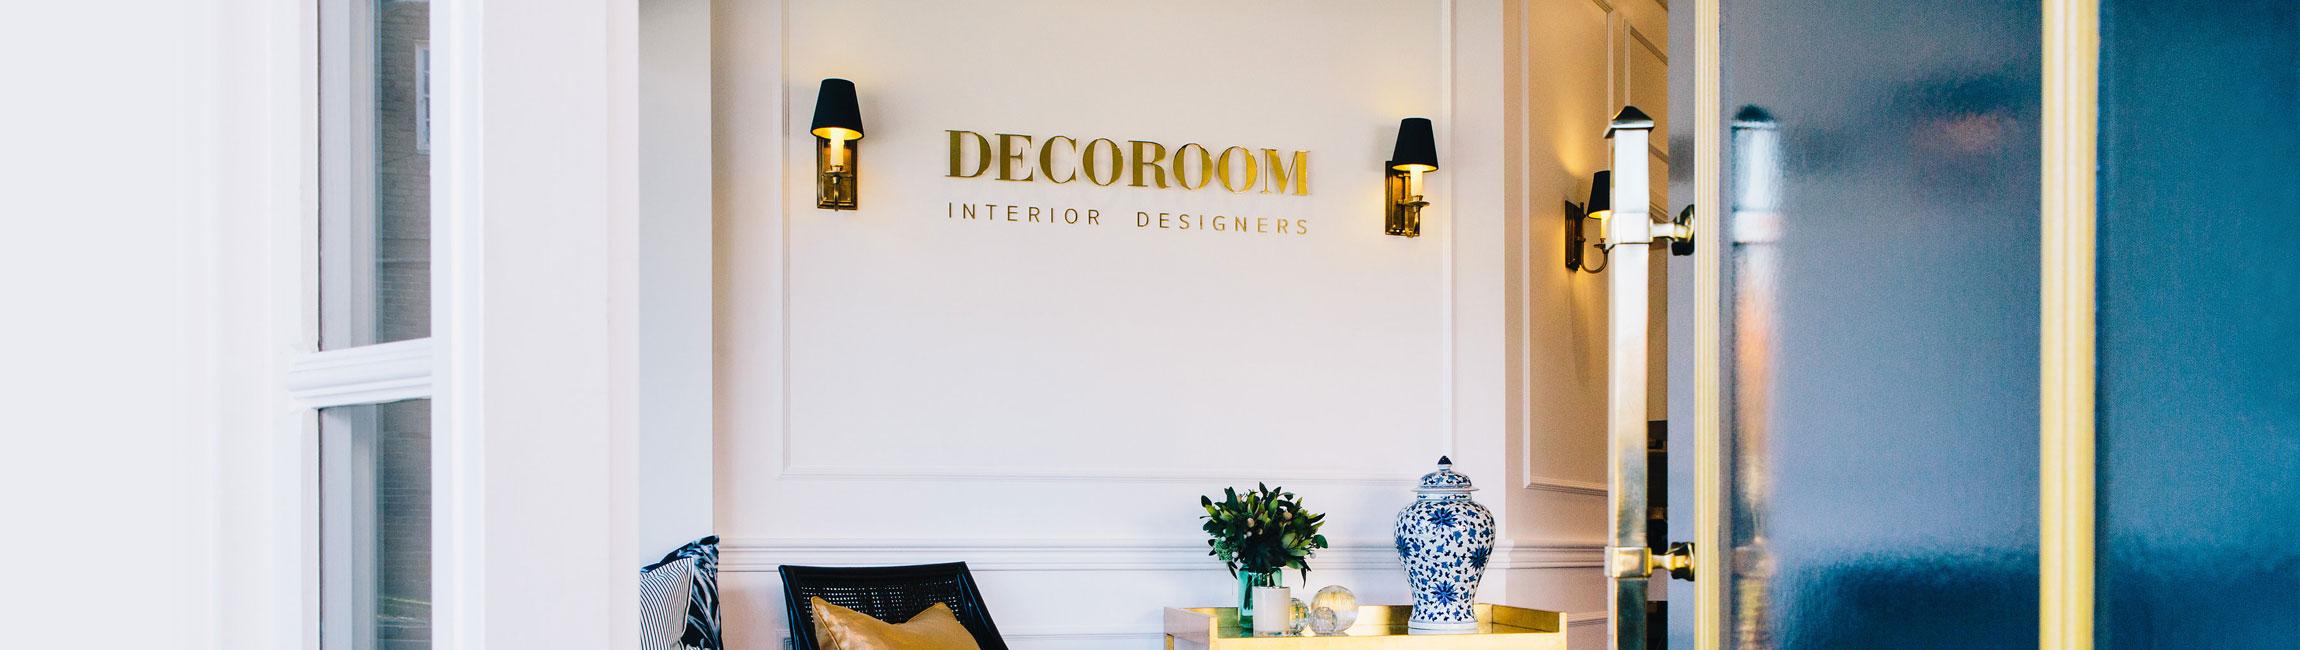 decoroom1